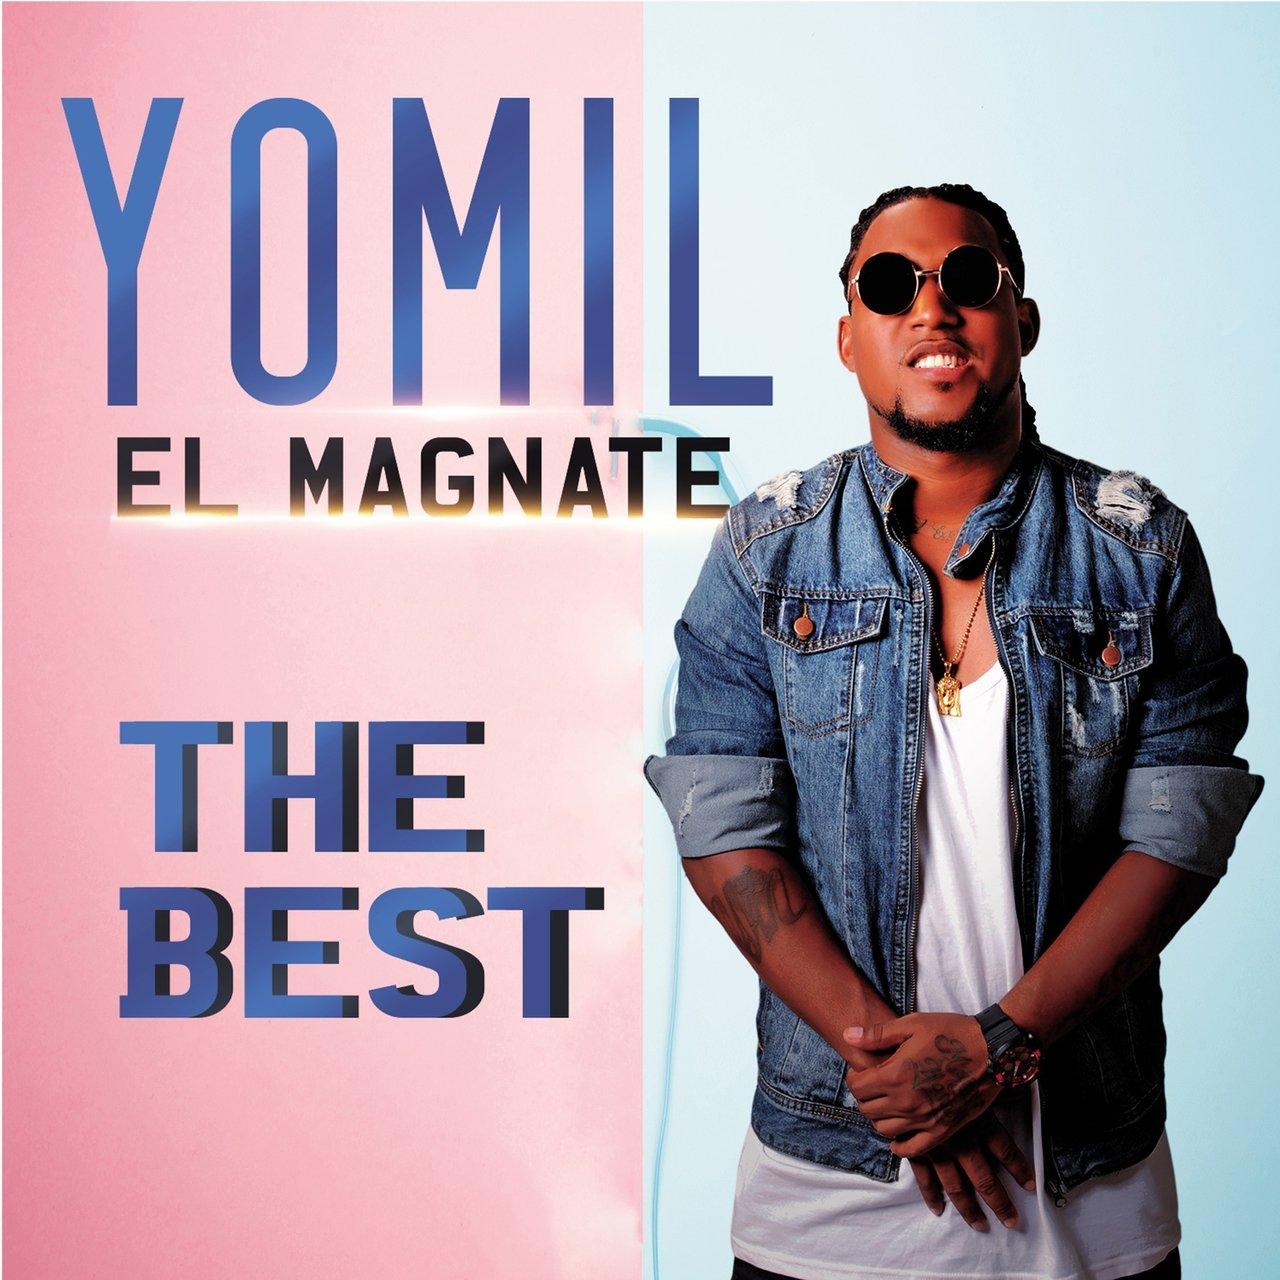 musica de yomil el magnate diciendo que si